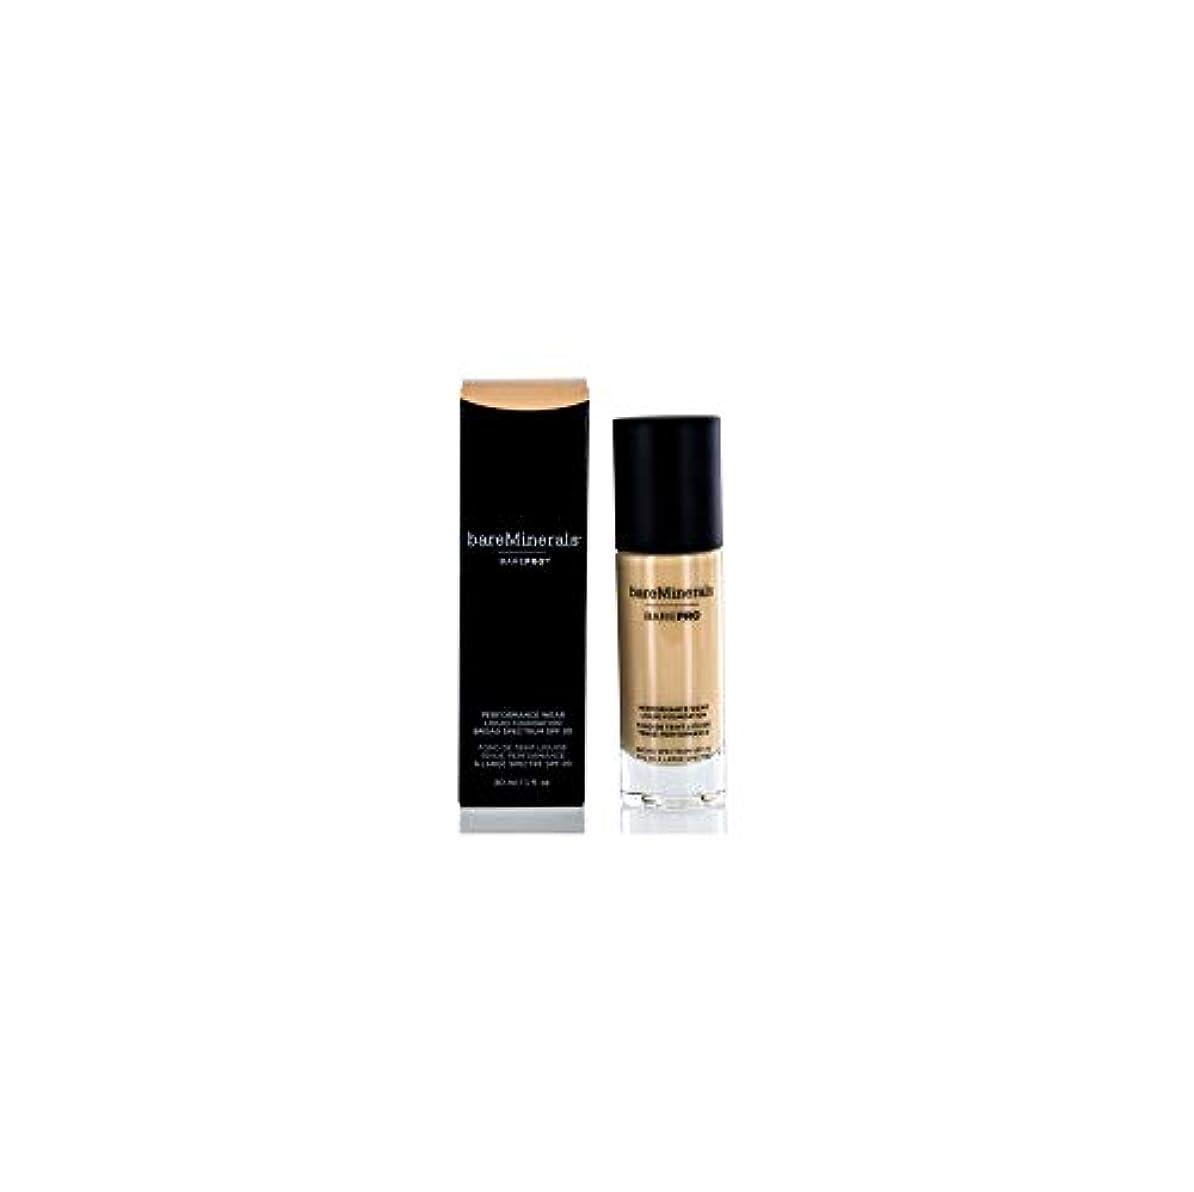 輝く森林数学ベアミネラル BarePro Performance Wear Liquid Foundation SPF20 - # 13 Golden Nude 30ml/1oz並行輸入品